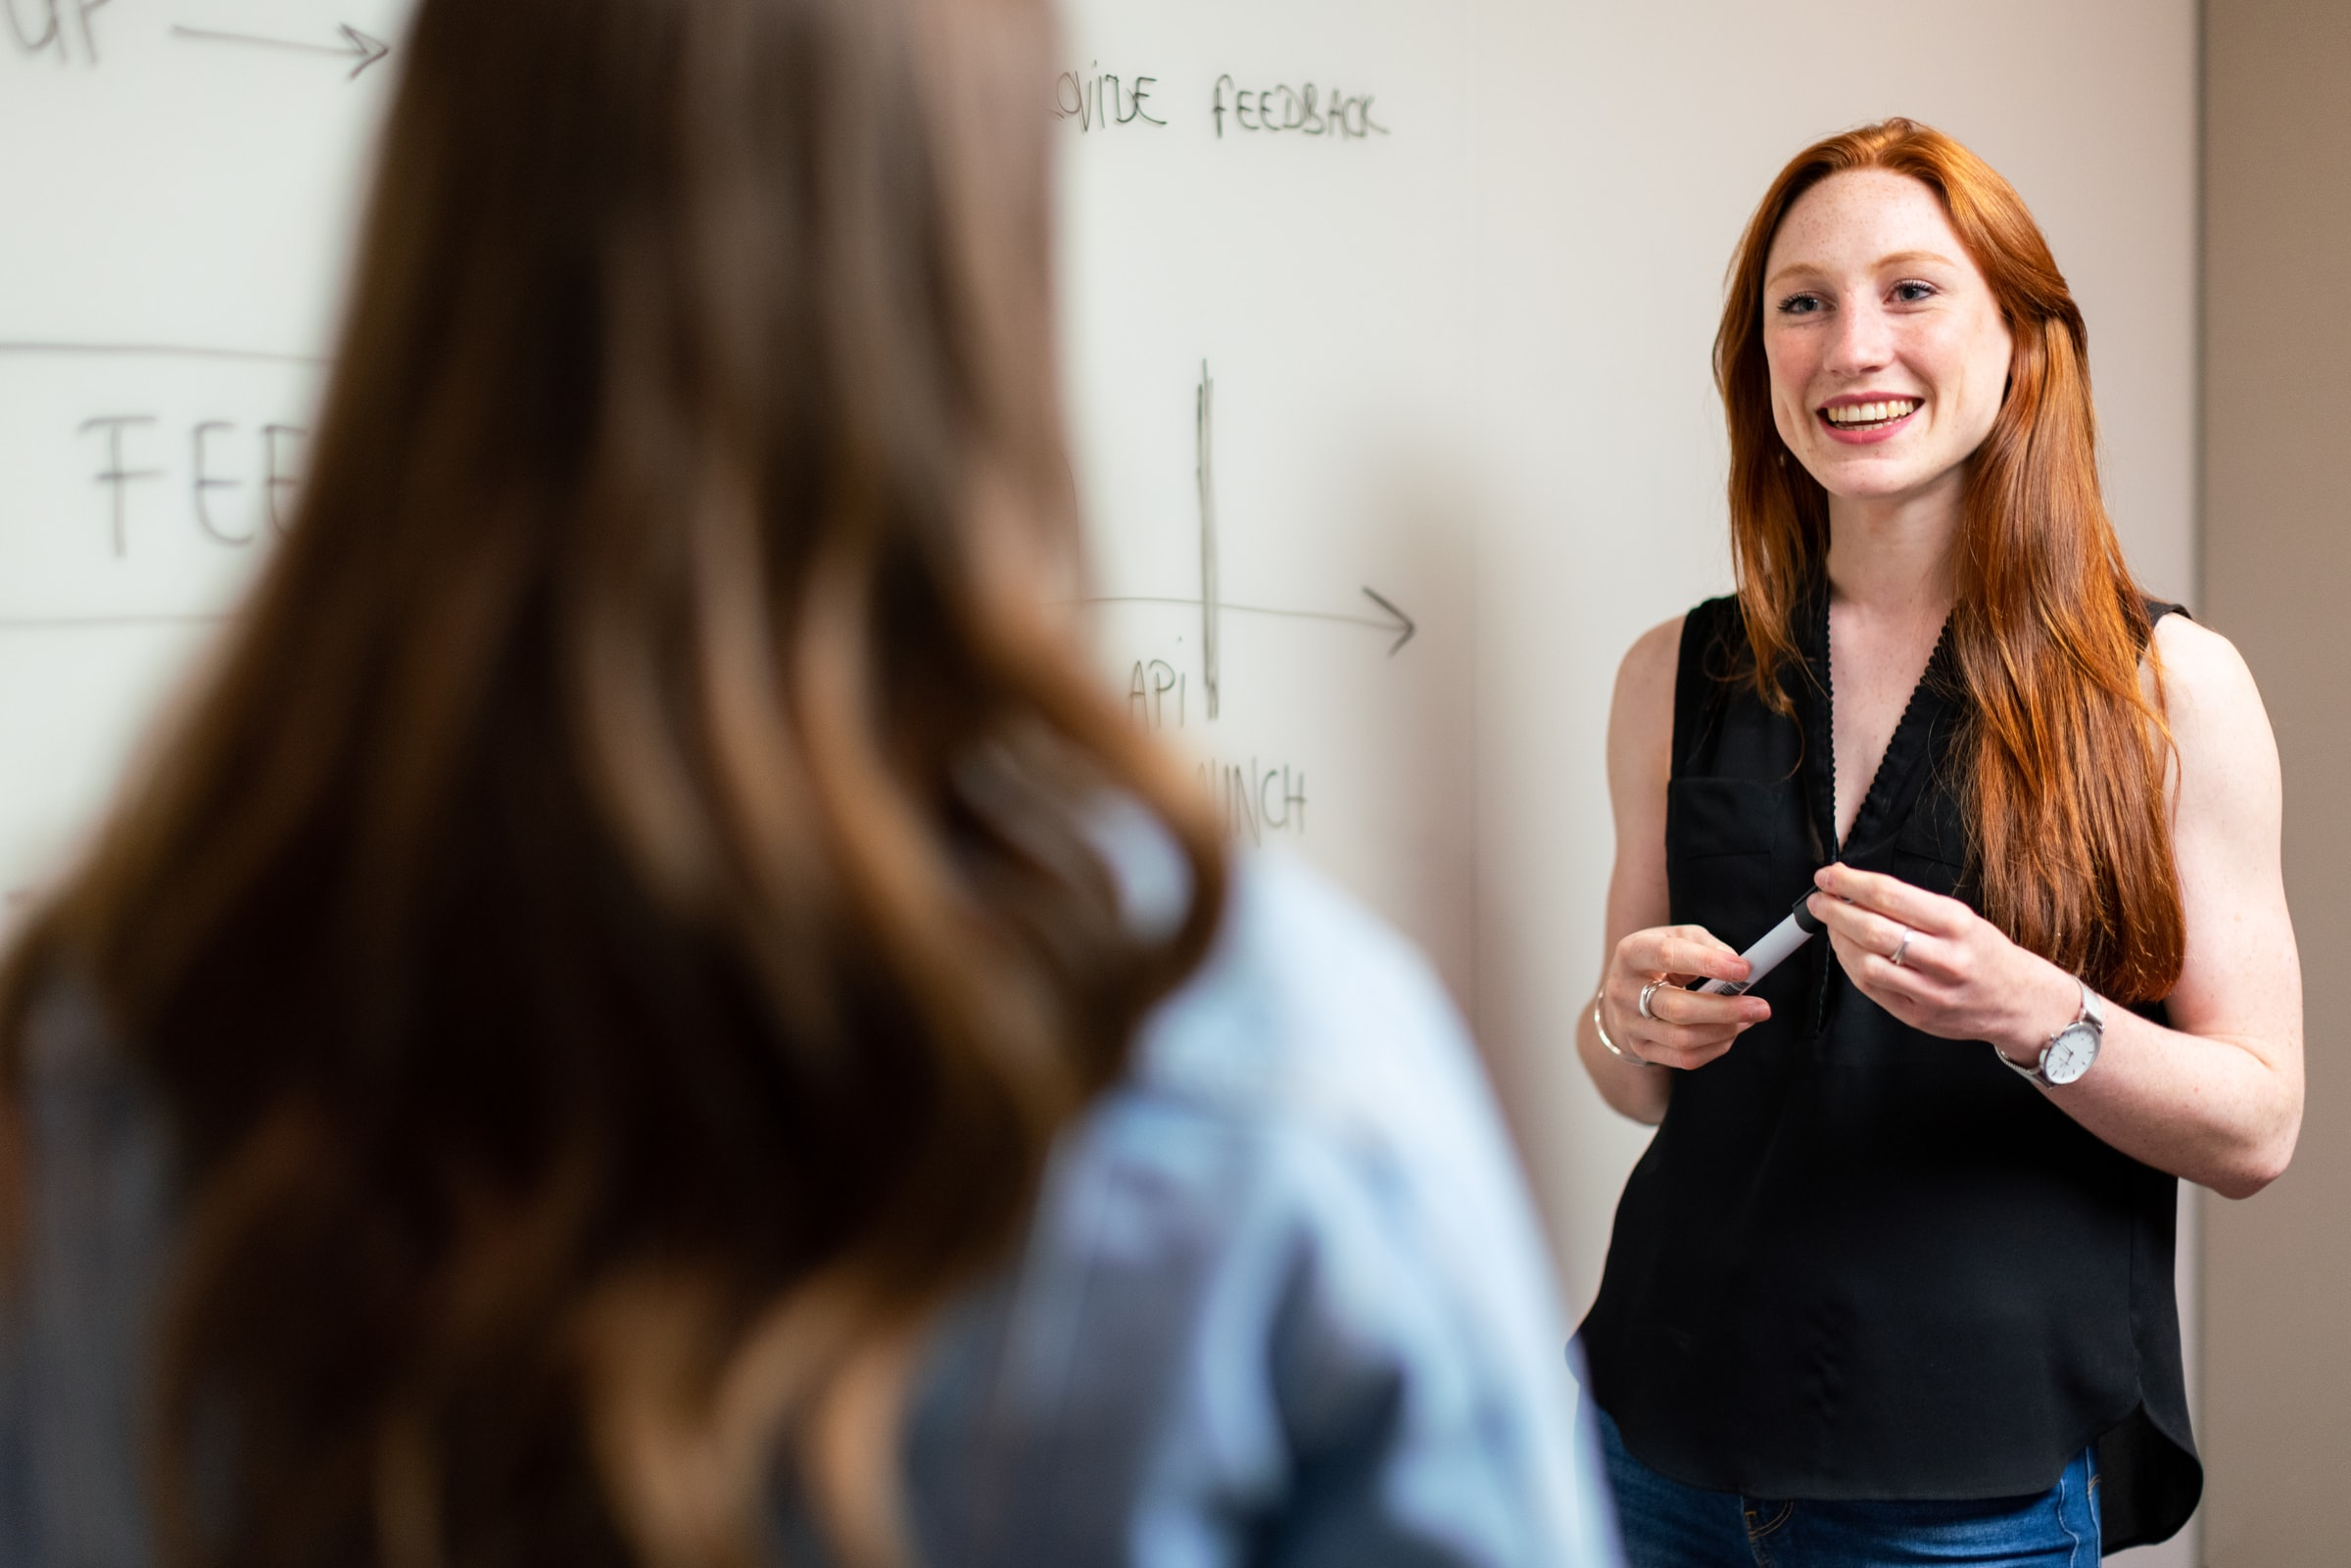 två kvinnor samtalar framför whiteboardtavla